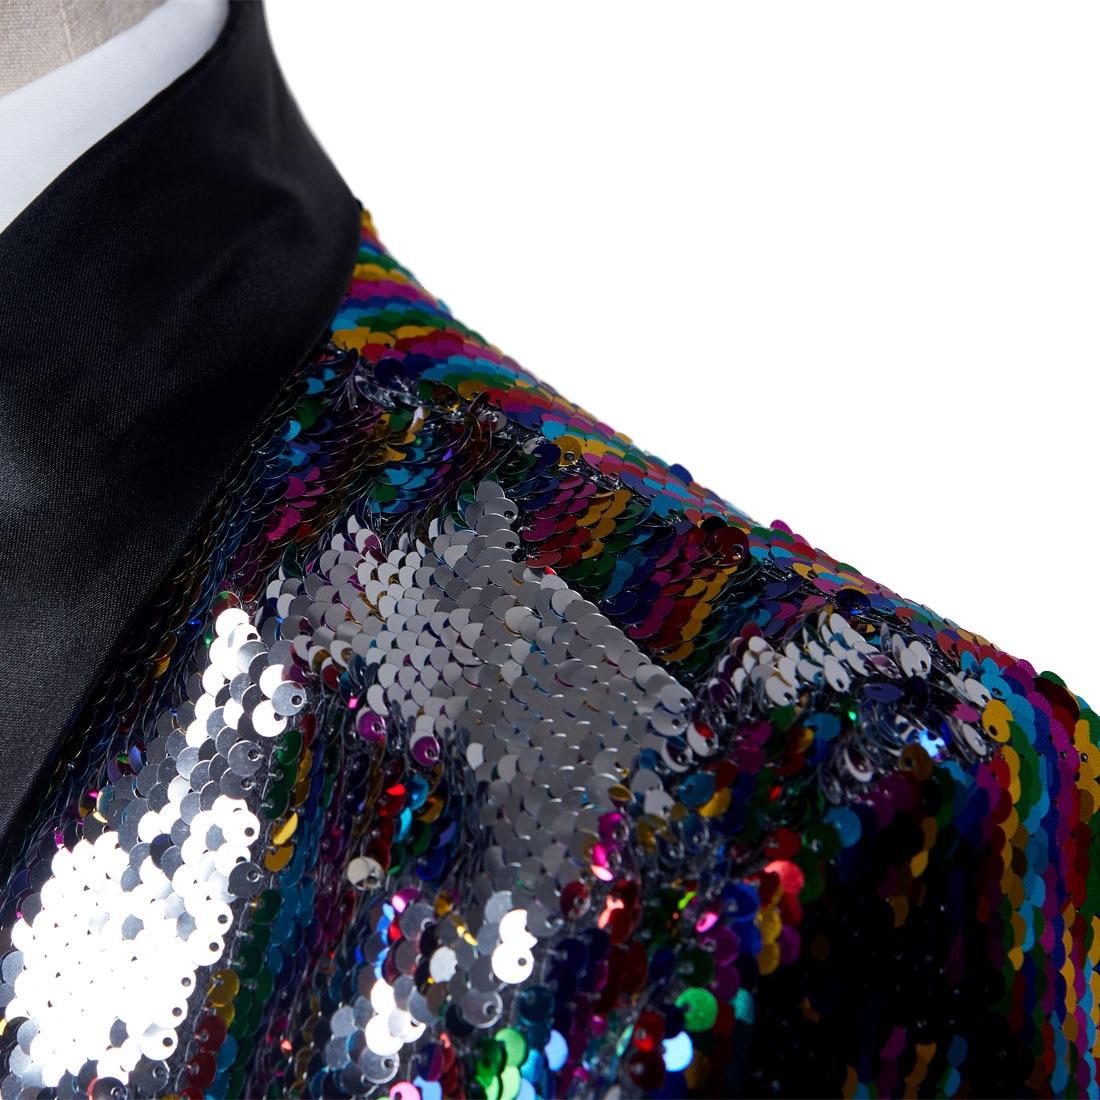 PYJTRL Mâle Mode Châle Revers Double face Coloré Paillettes Longue Costumes Veste Blazer Masculino Hommes Slim Fit DJ Chanteur costume - 3